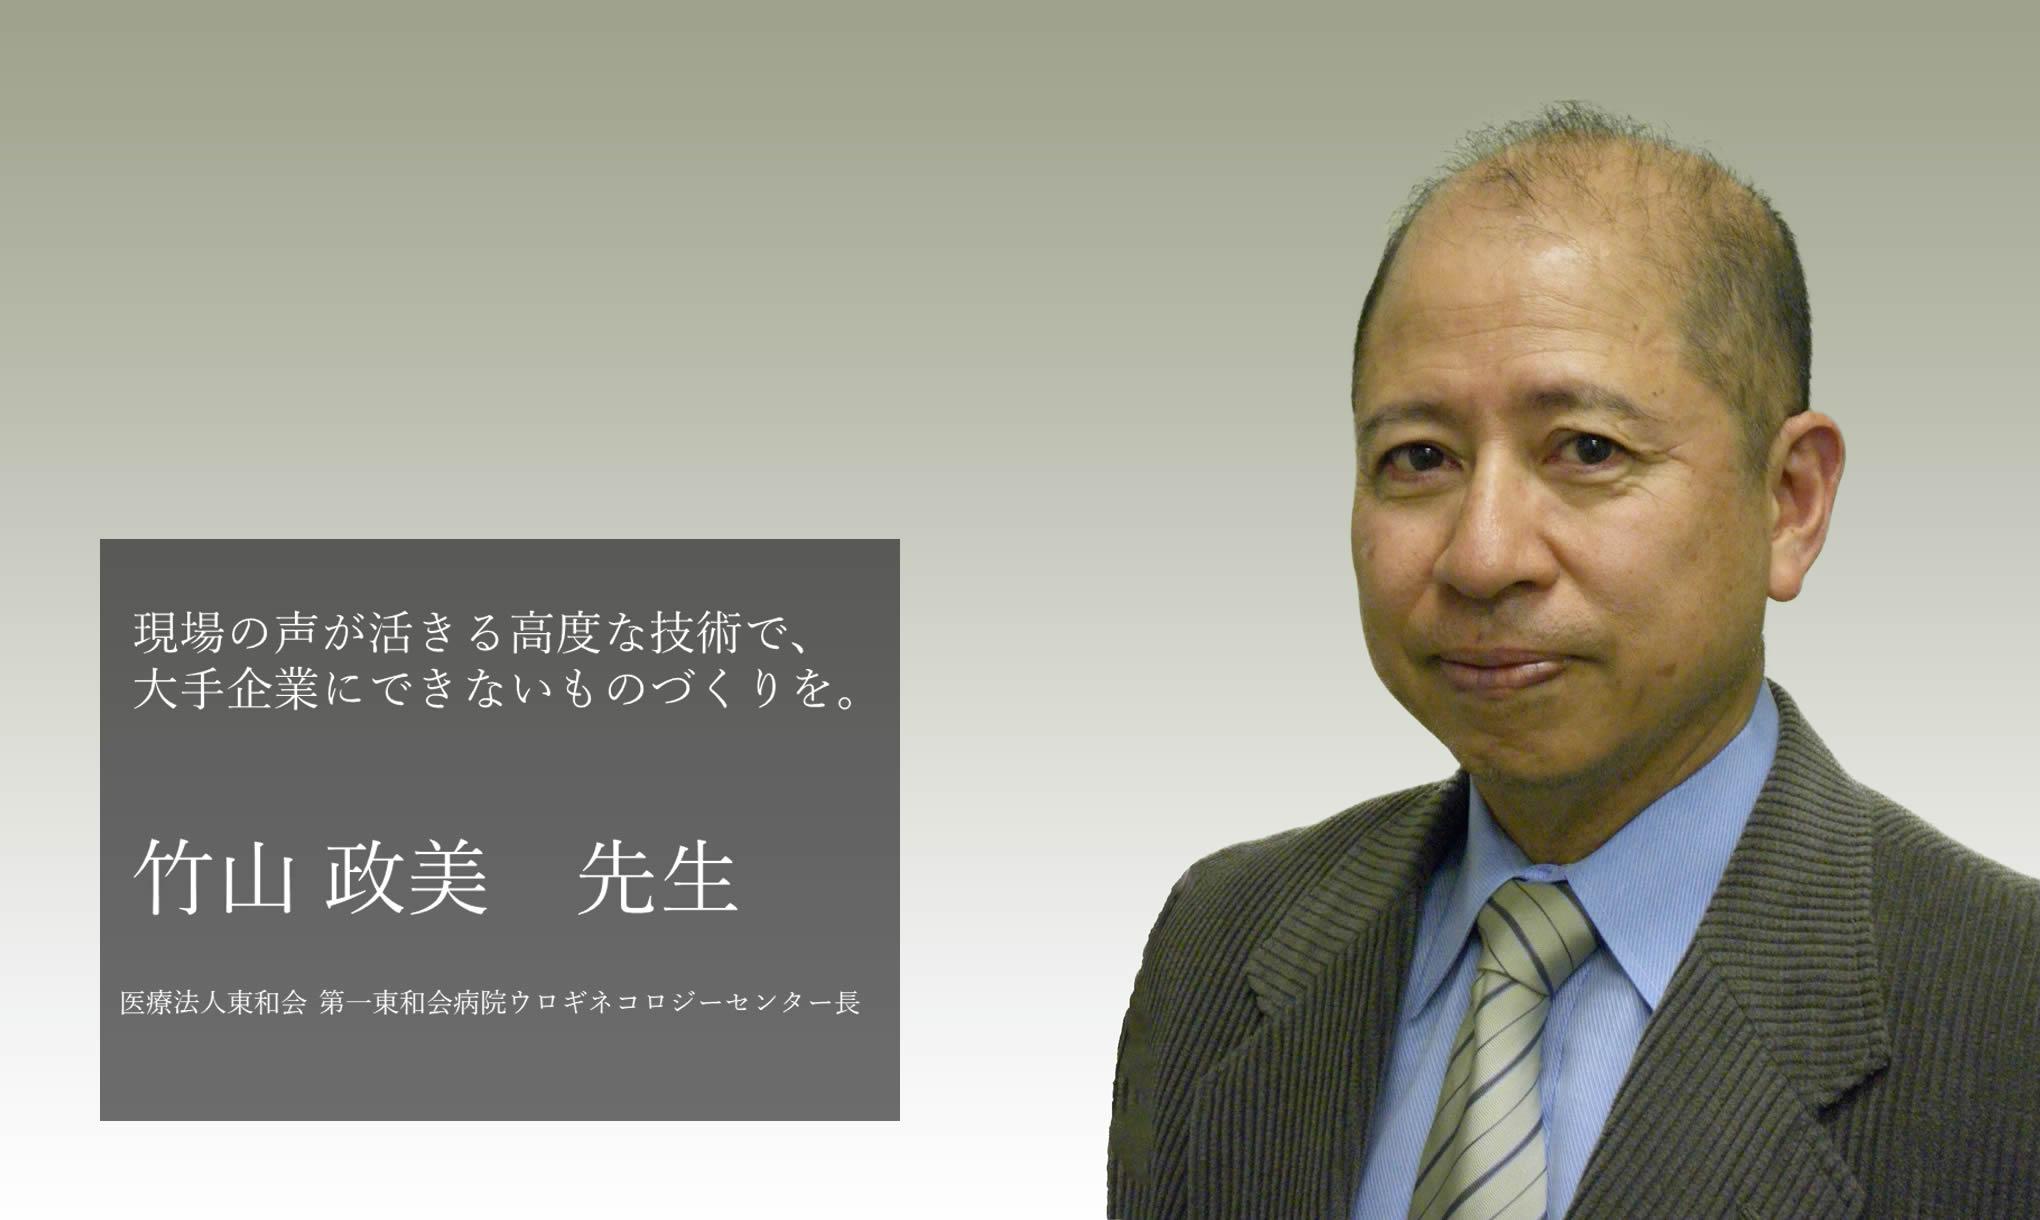 竹山 政美 先生